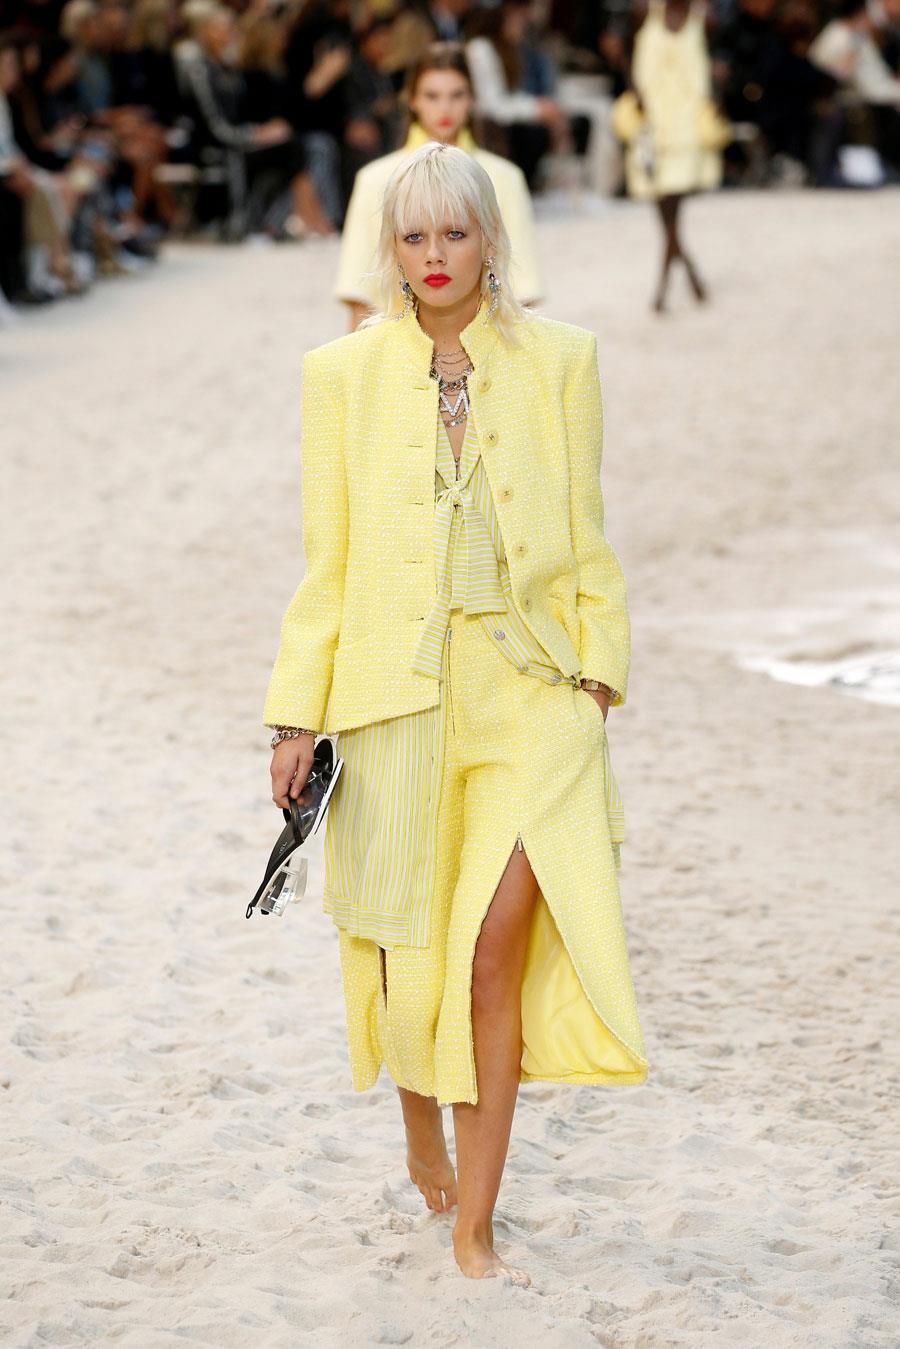 3292ec19511 colores-de-moda-amarillo-chanel. Colores de moda 2019  color